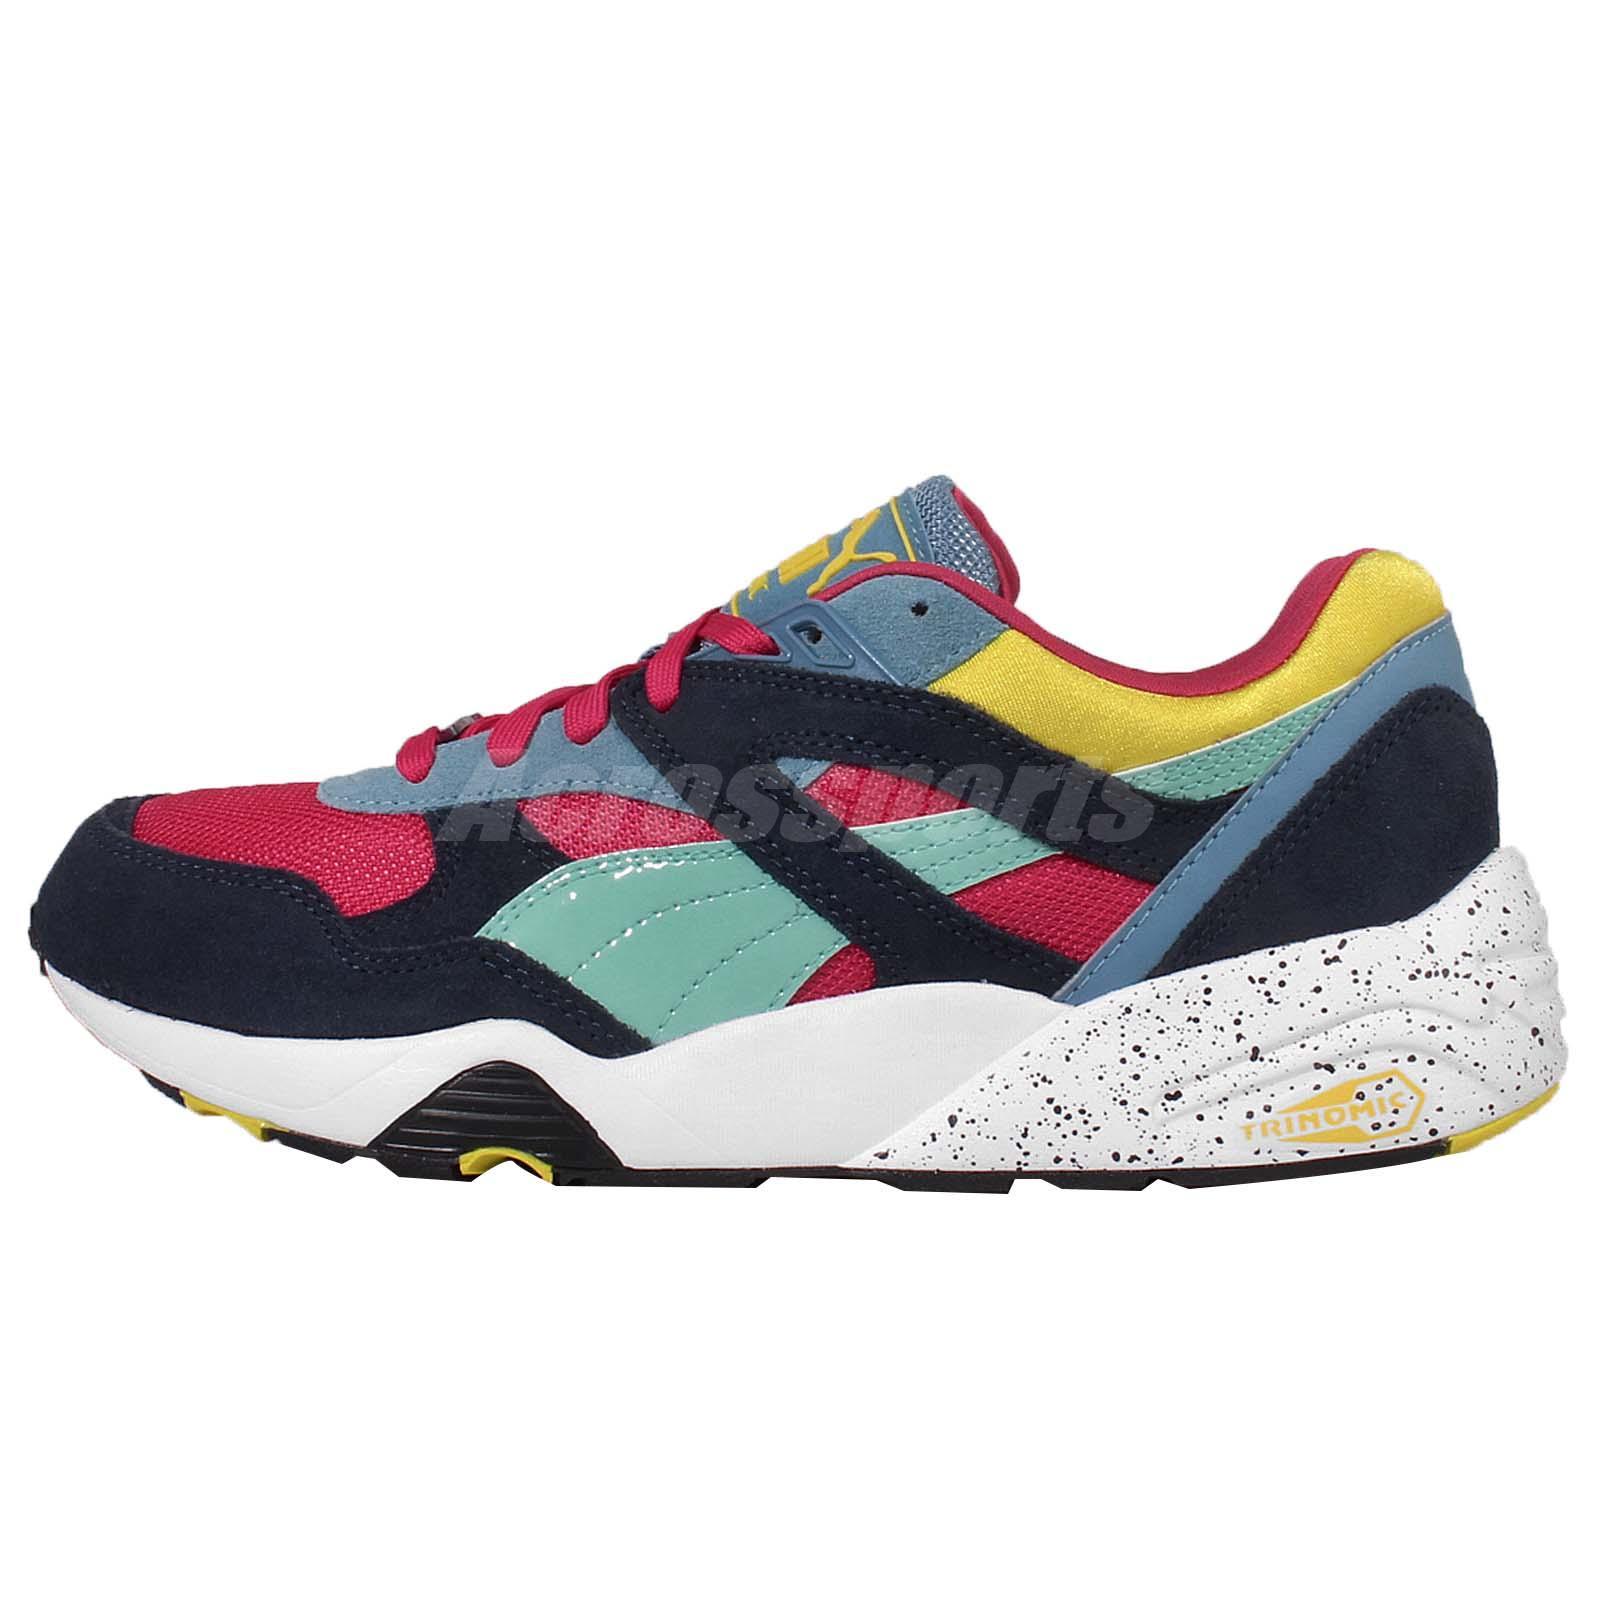 Puma R698 Block Navy Purple Yellow Trinomic Mens Running Shoes 360030 06